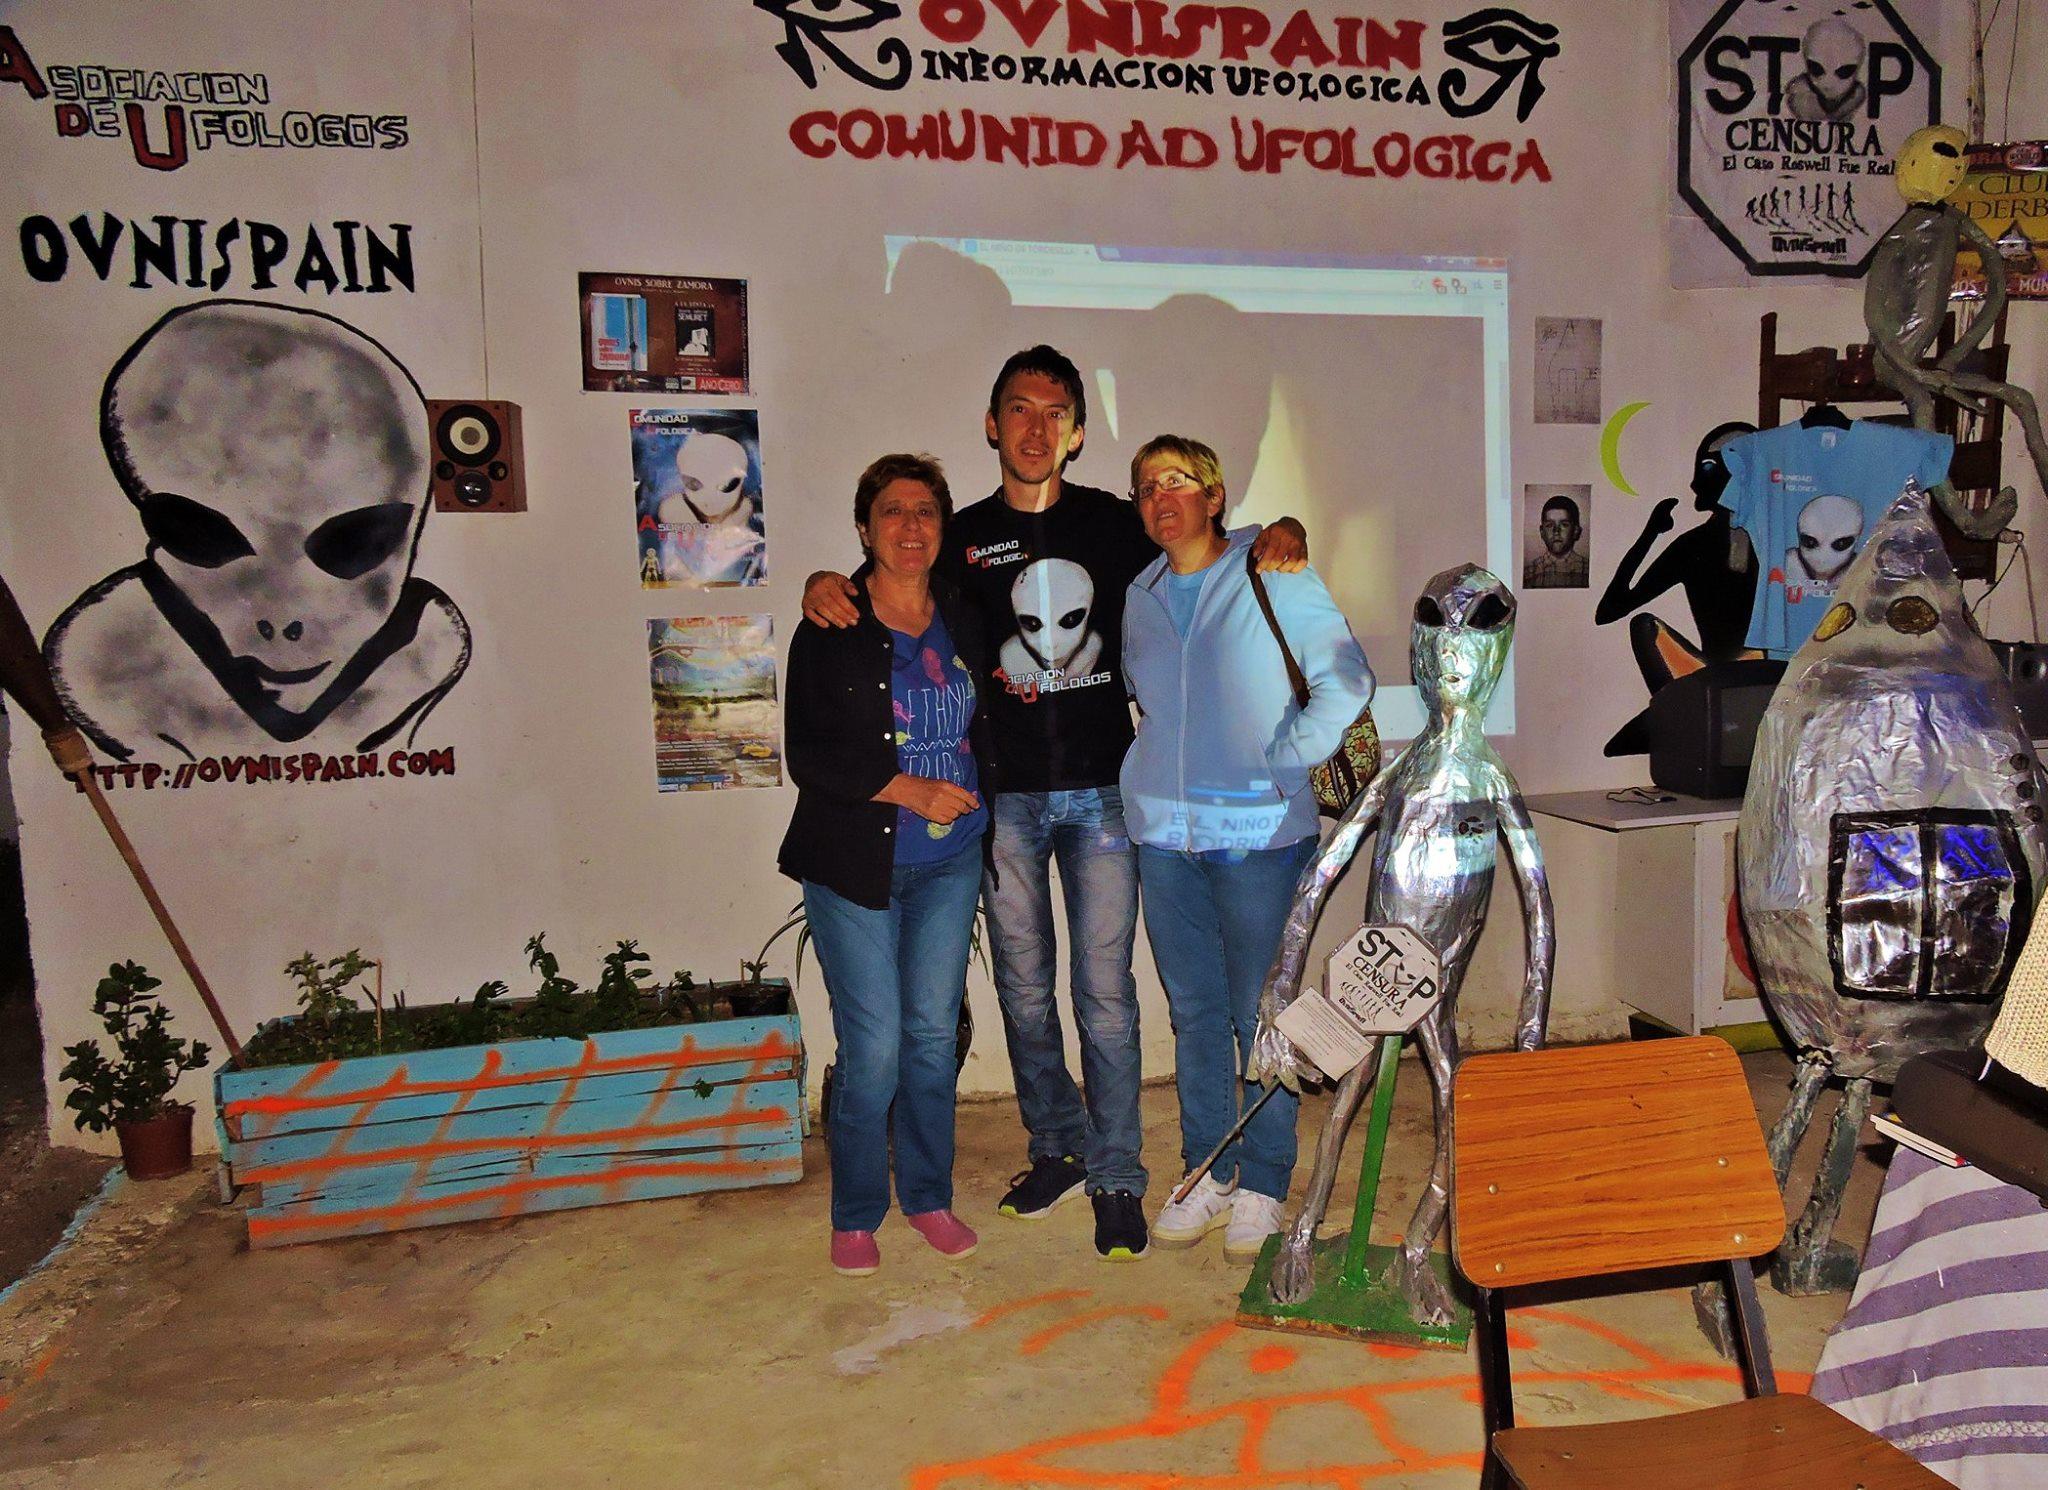 Primeras Jornadas de ufologia Morales de toro nando dominguez (9)